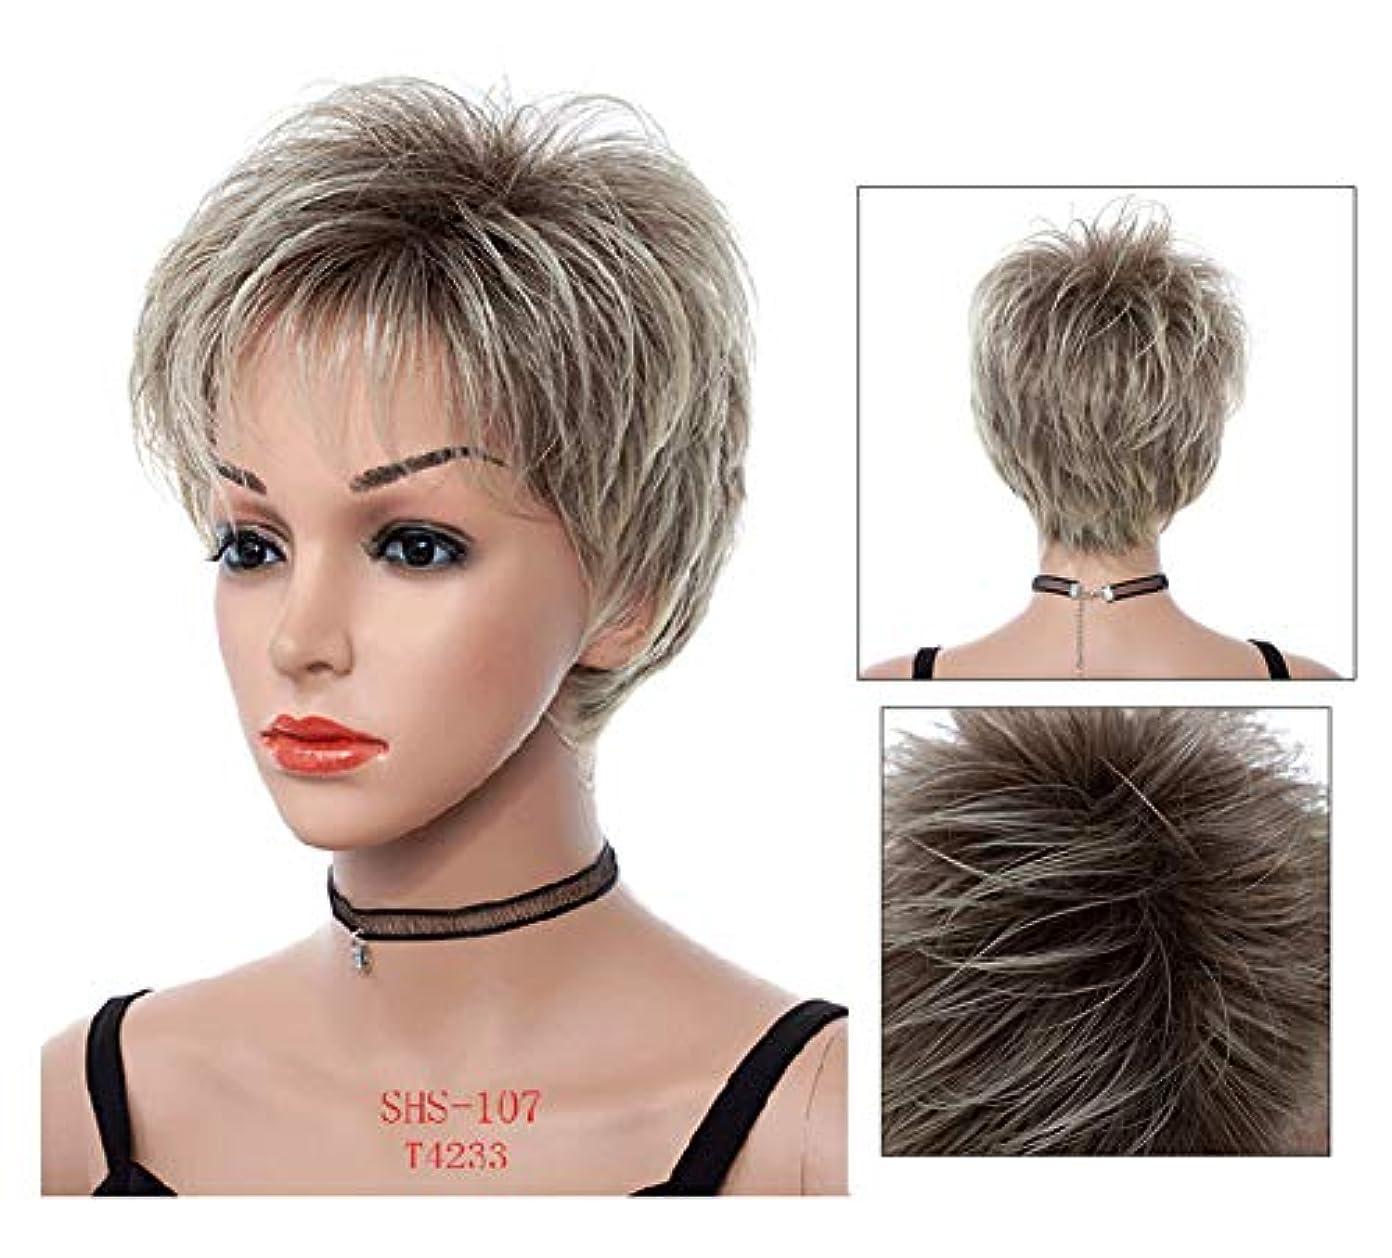 ライバル言うモードリン女性用フルウィッグ、デイリードレスコスプレパーティーヘアピース用8 ''ナチュラルショートヘア